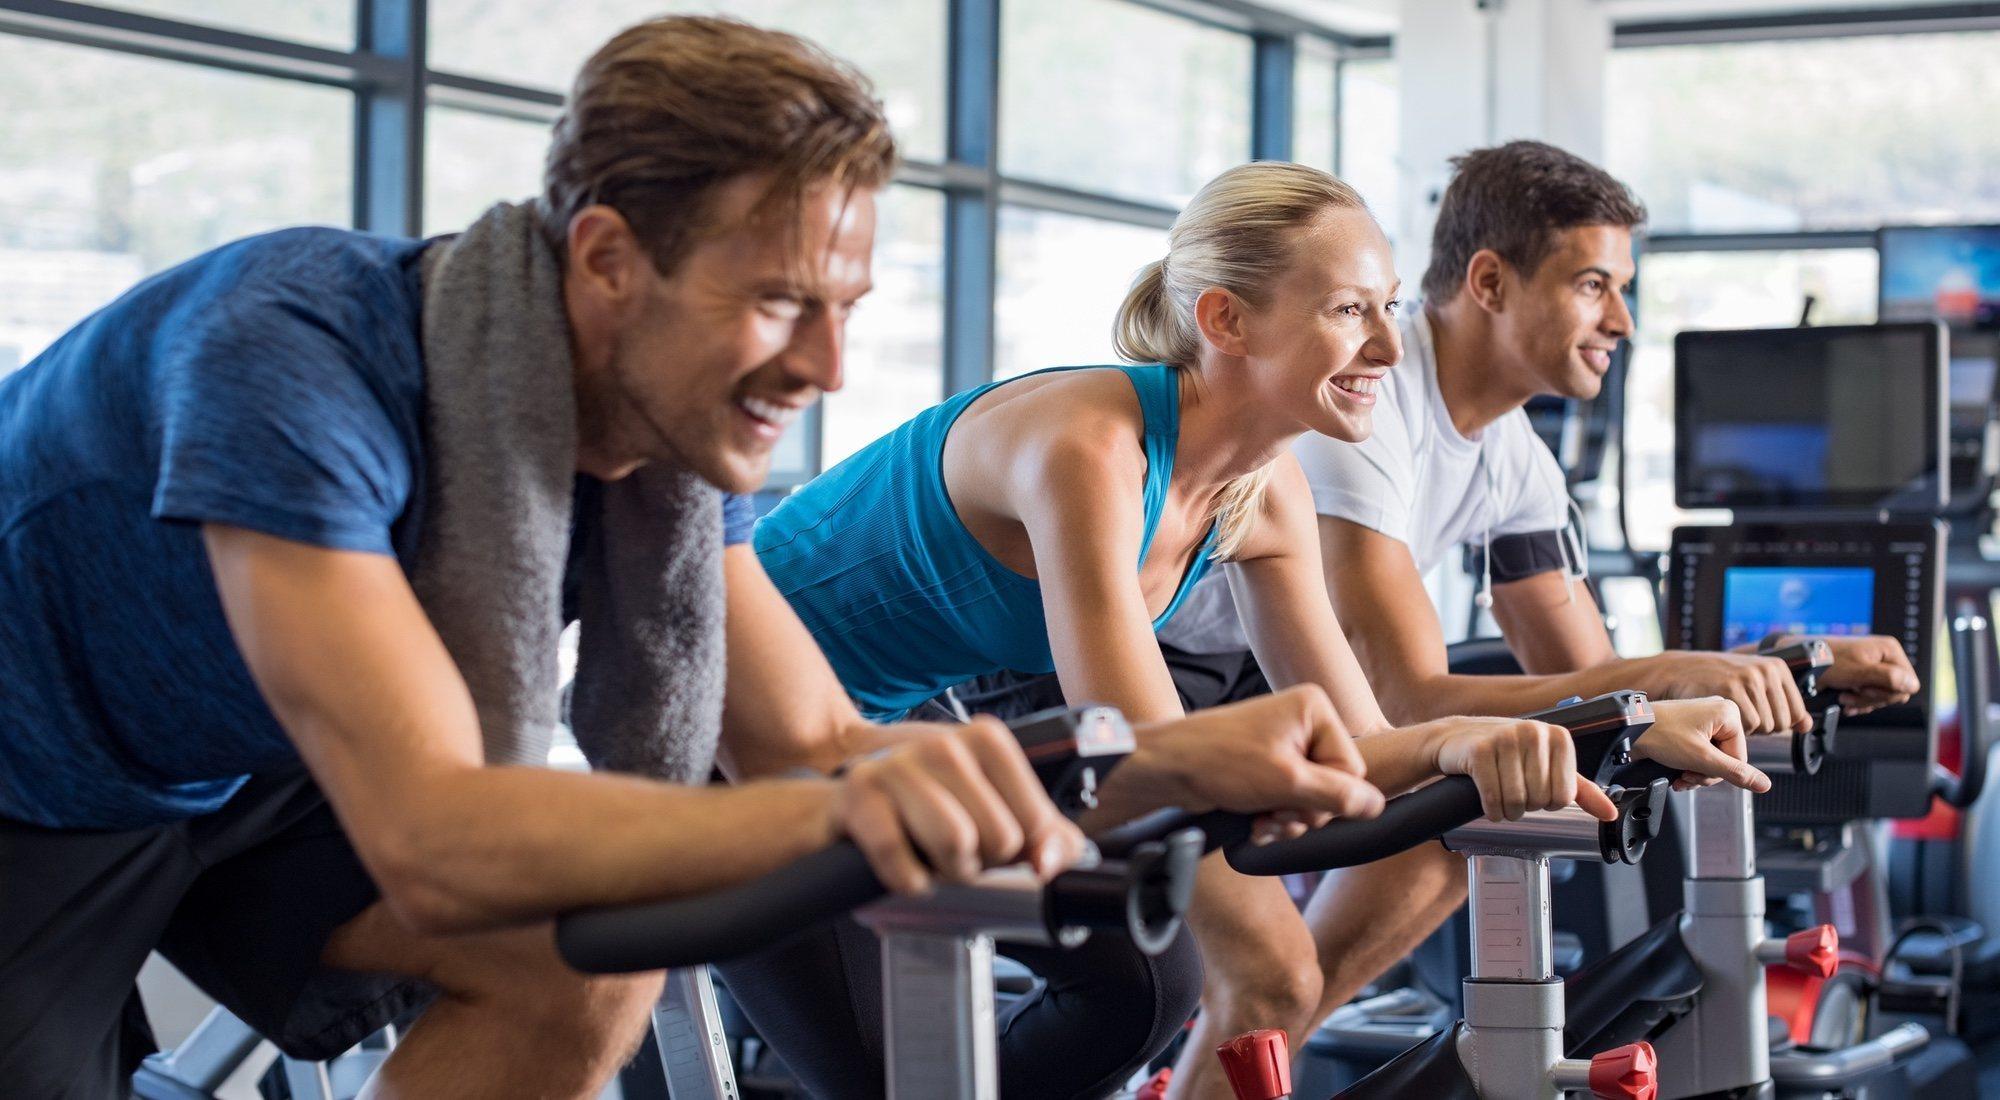 Empezar en el gimnasio: consejos y errores comunes